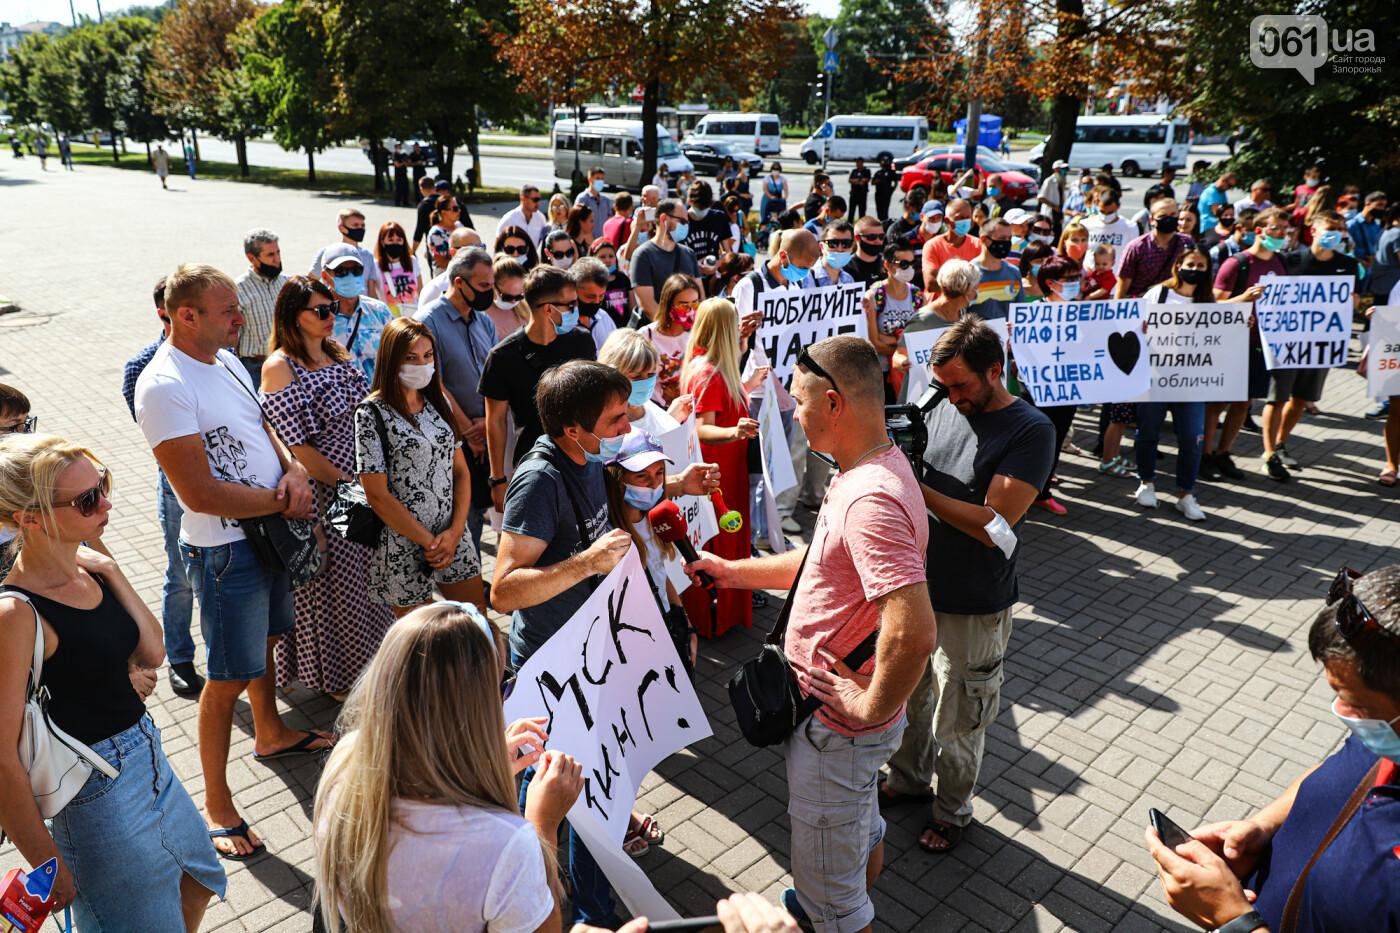 «Я выплачиваю кредит за воздух»: жильцы недостроенных многоэтажек вышли на митинг под стенами мэрии, - ФОТОРЕПОРТАЖ, фото-4